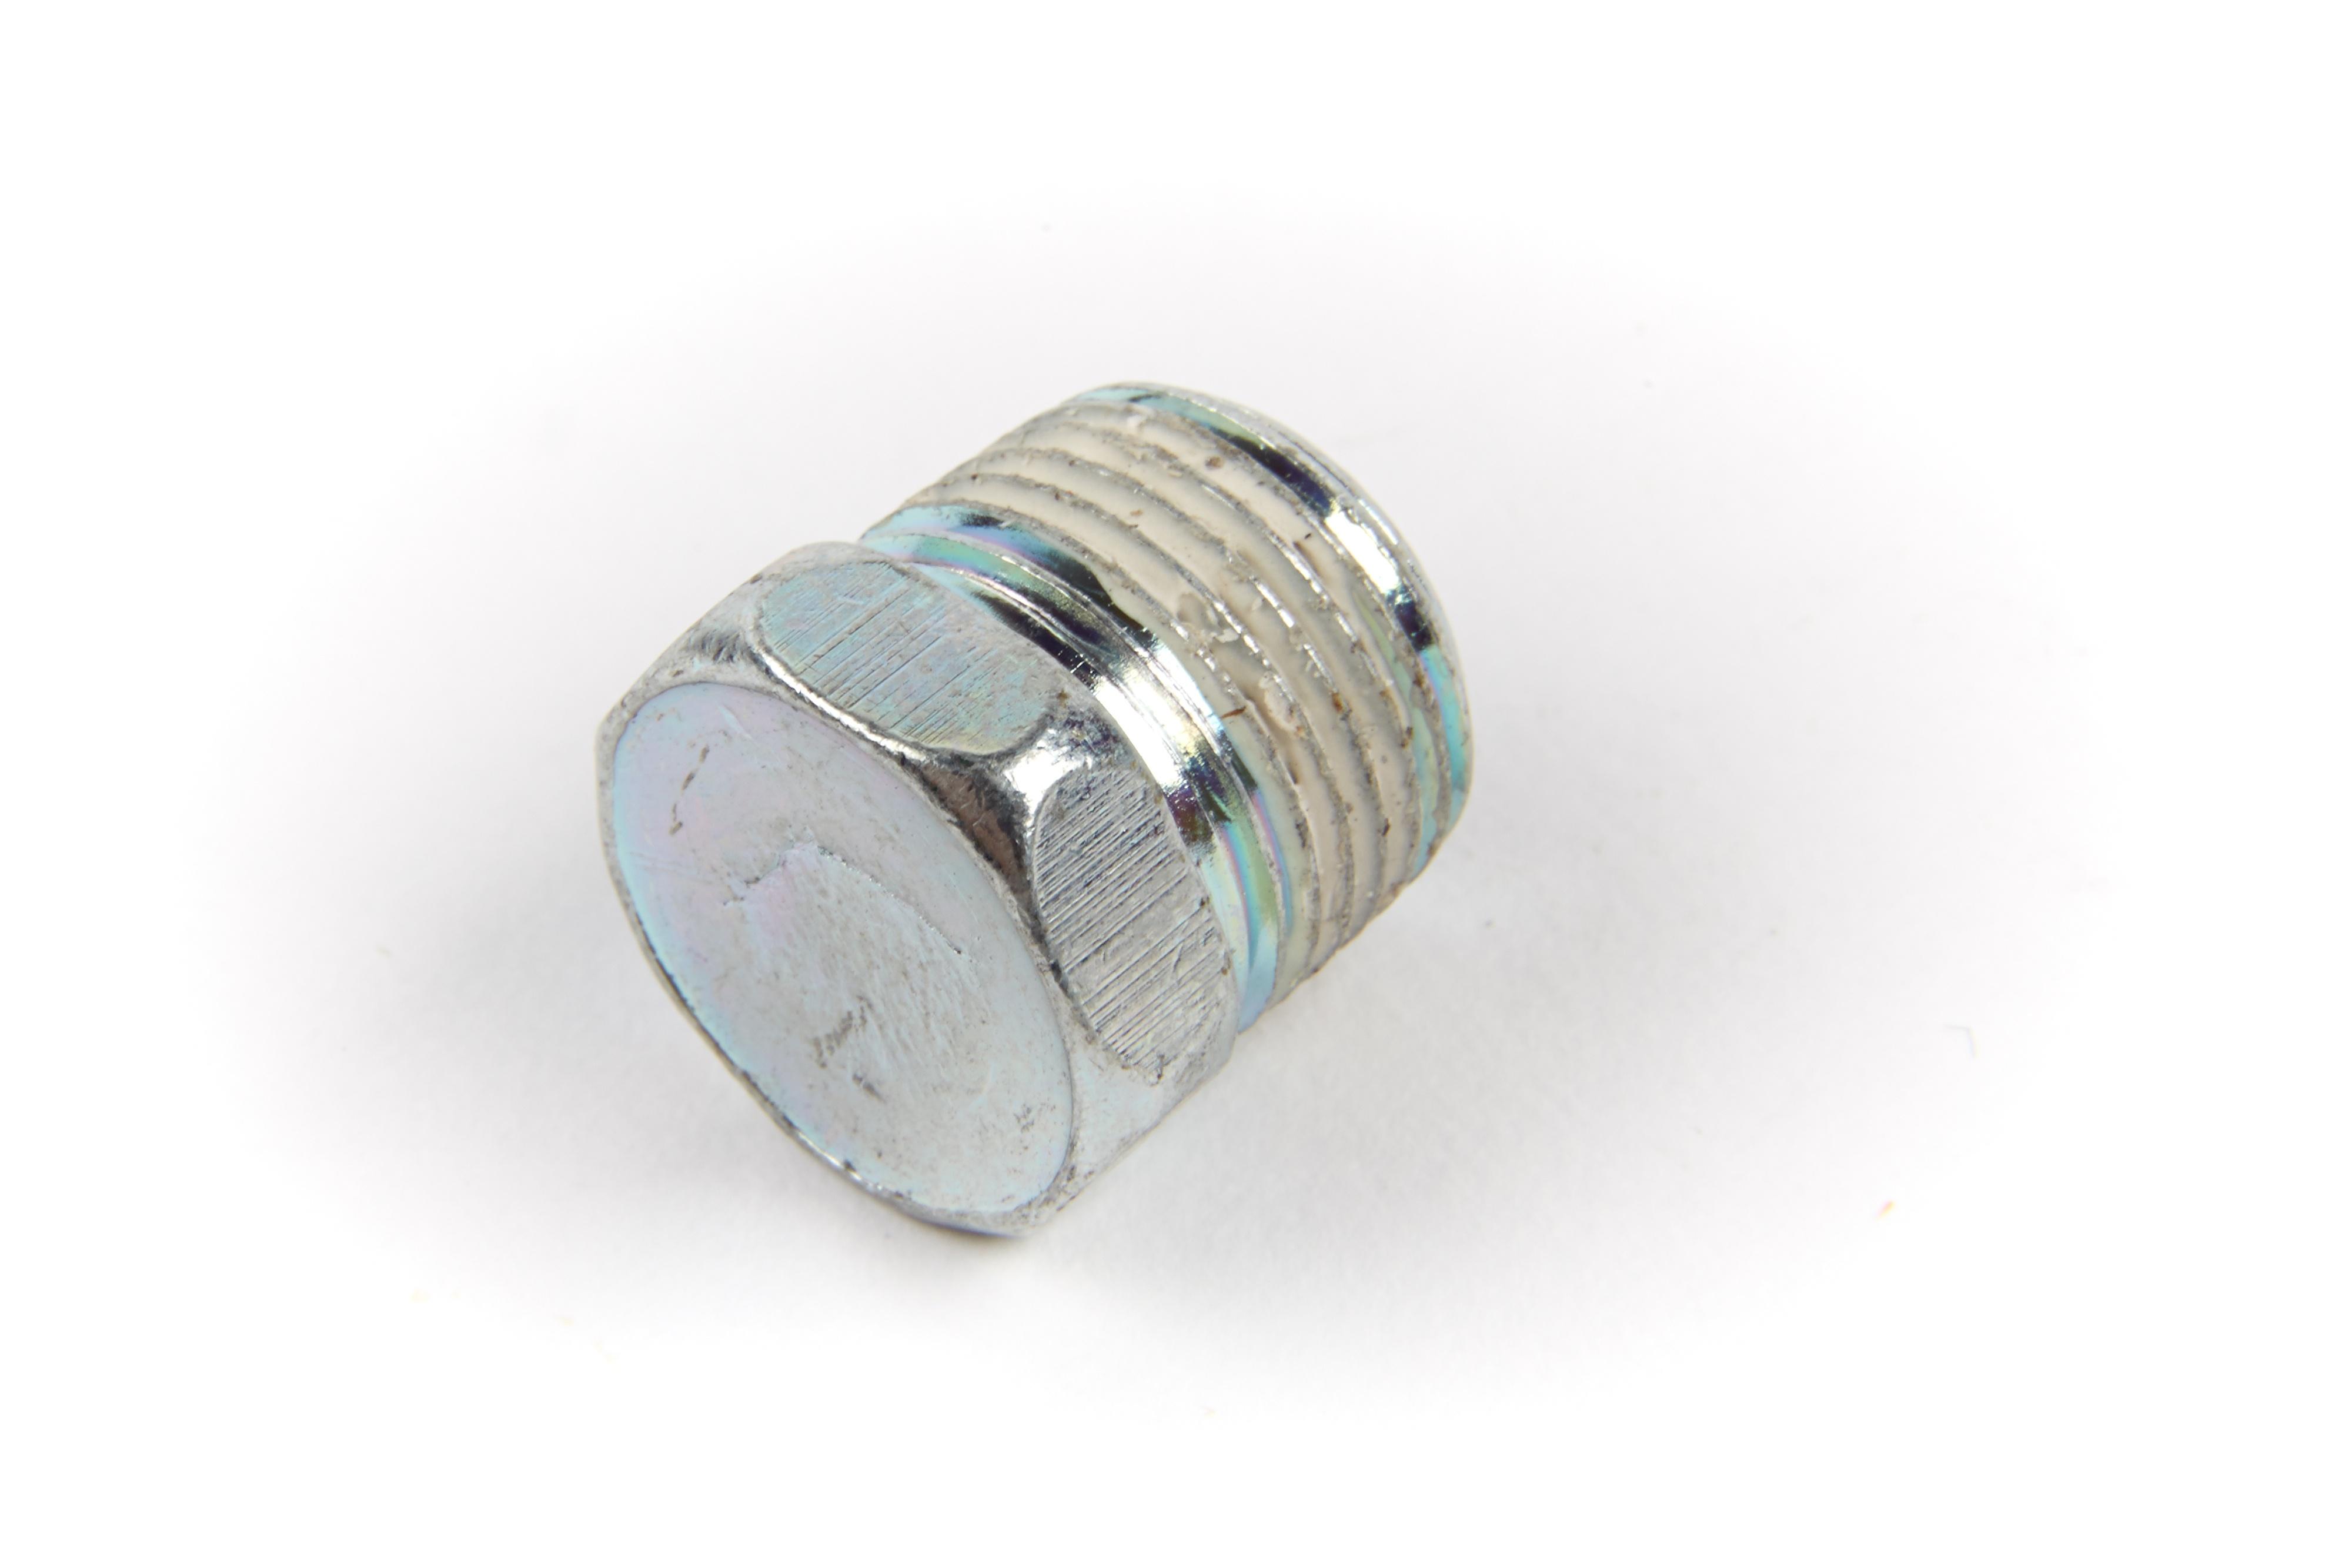 ACDELCO GM ORIGINAL EQUIPMENT - Transfer Case Oil Drain Plug - DCB 23247374